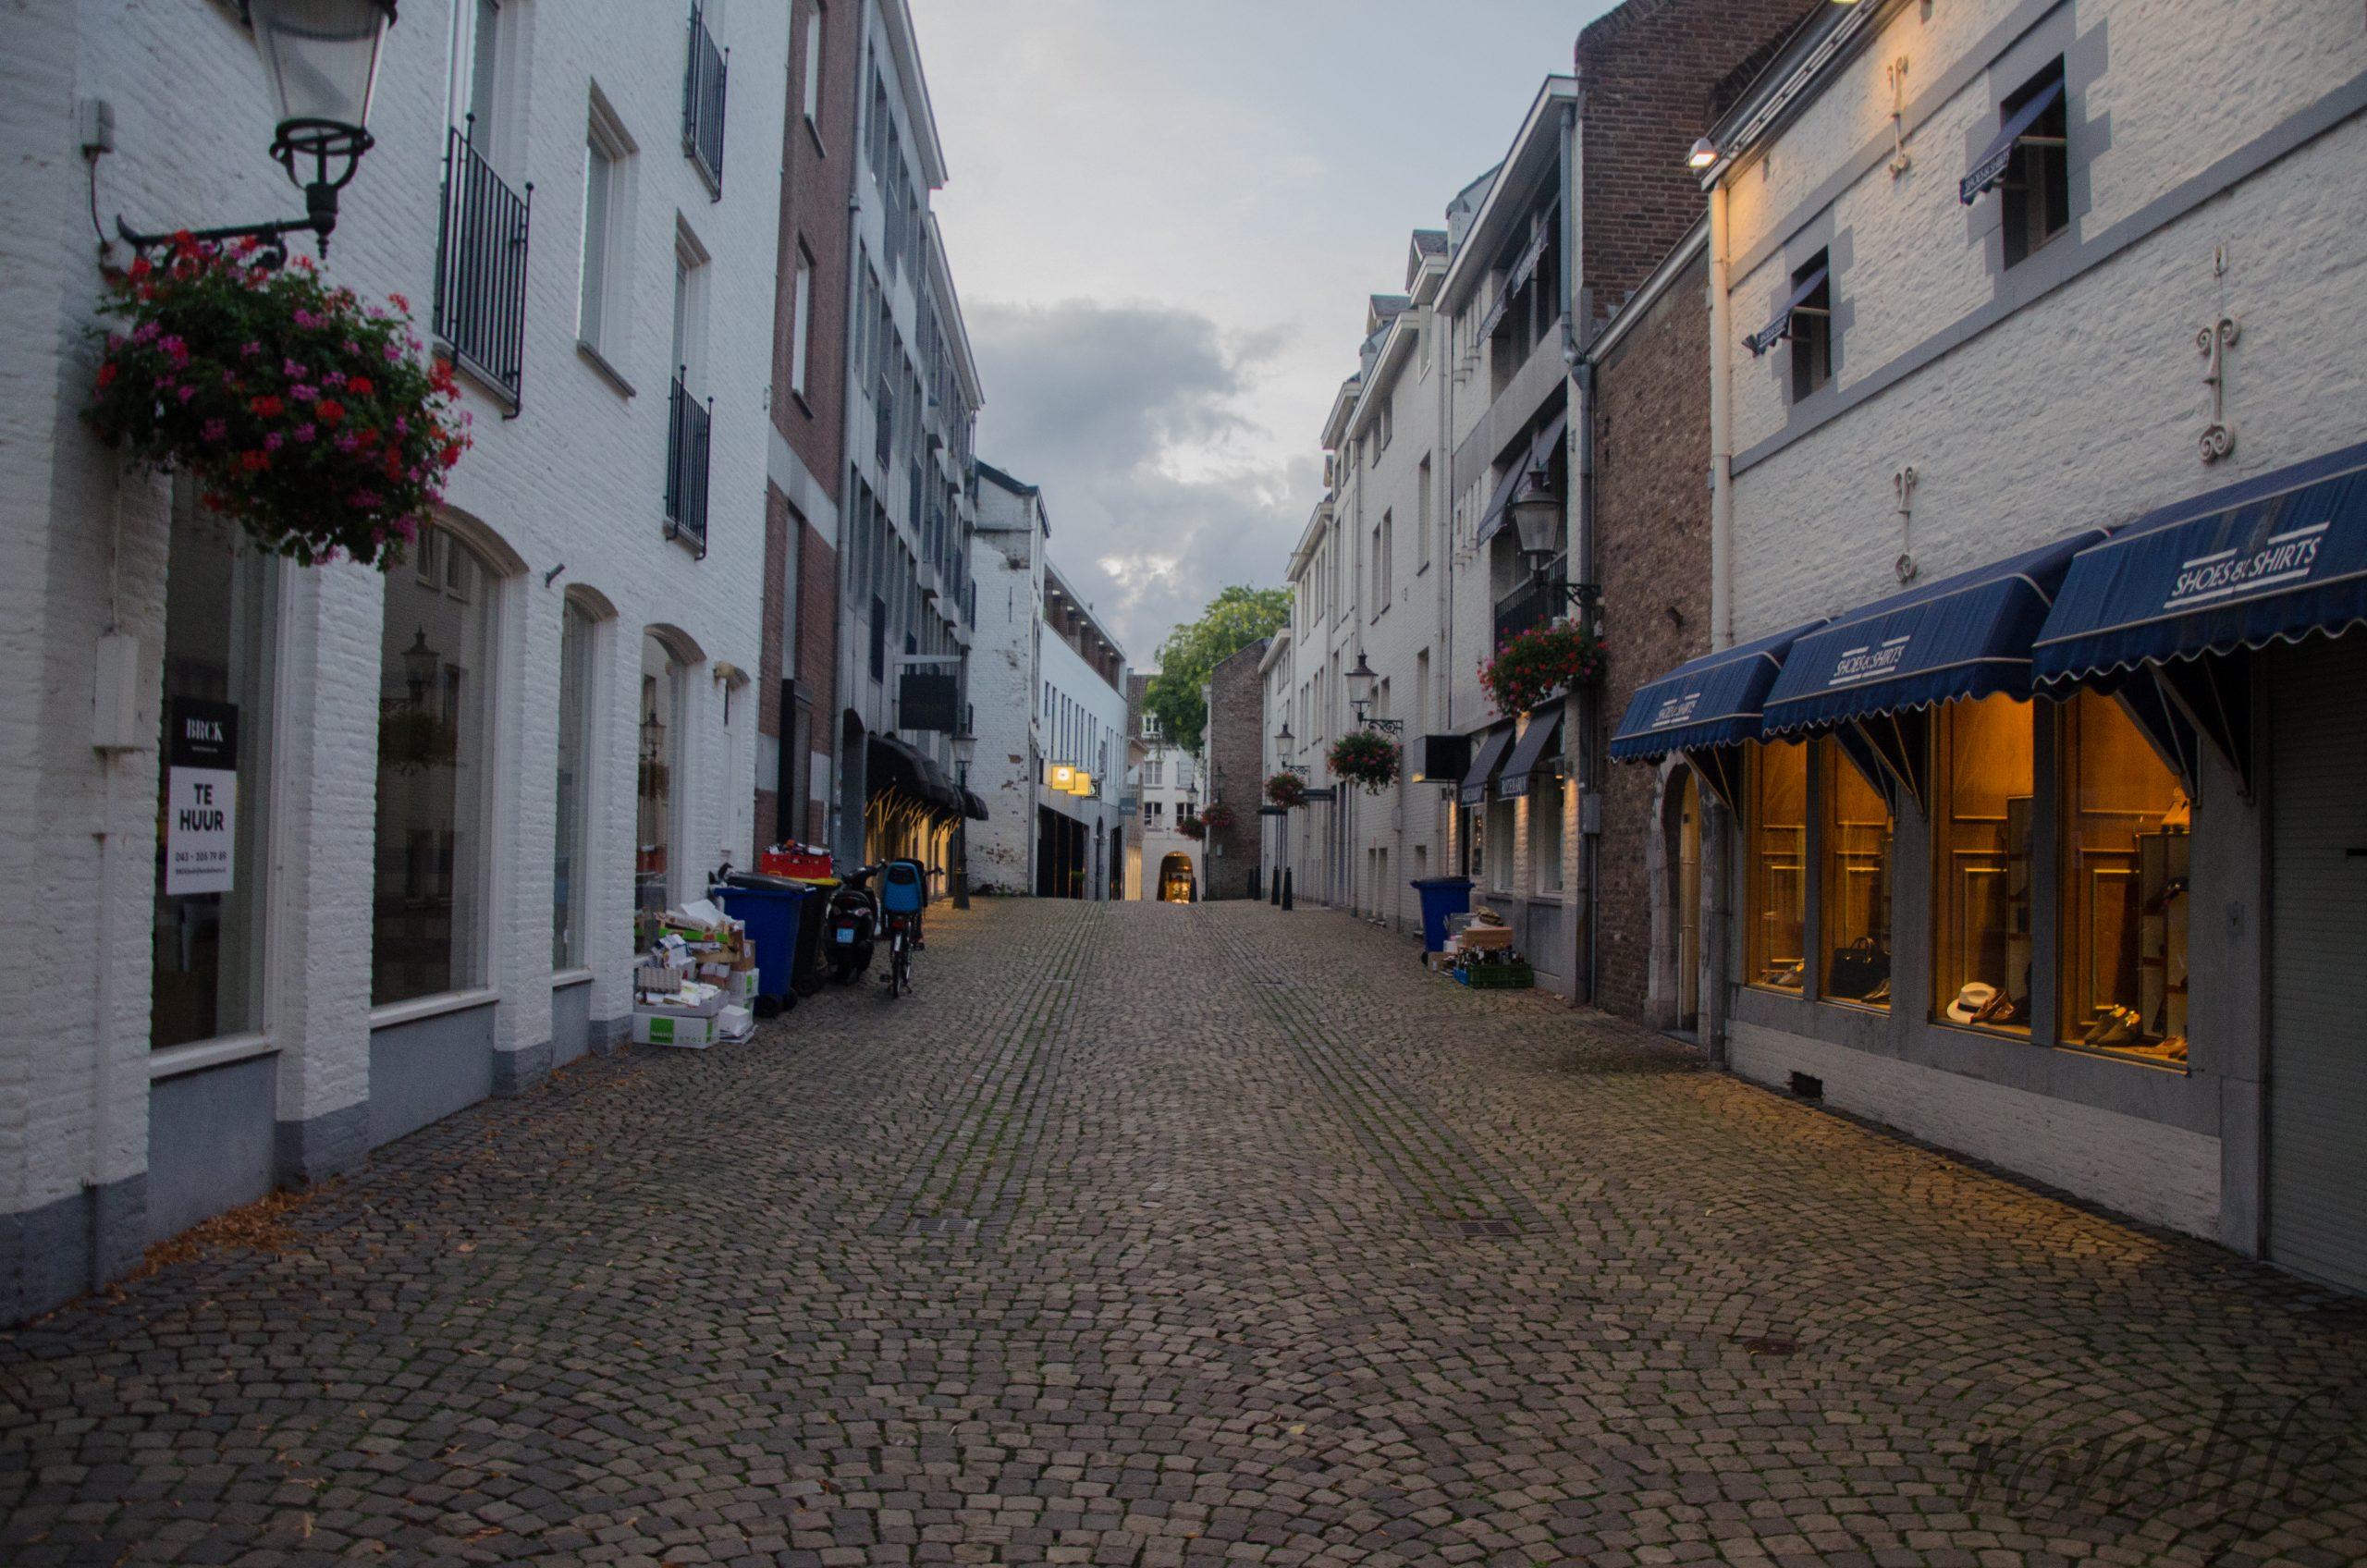 Oude straat in het centrum van Maastricht